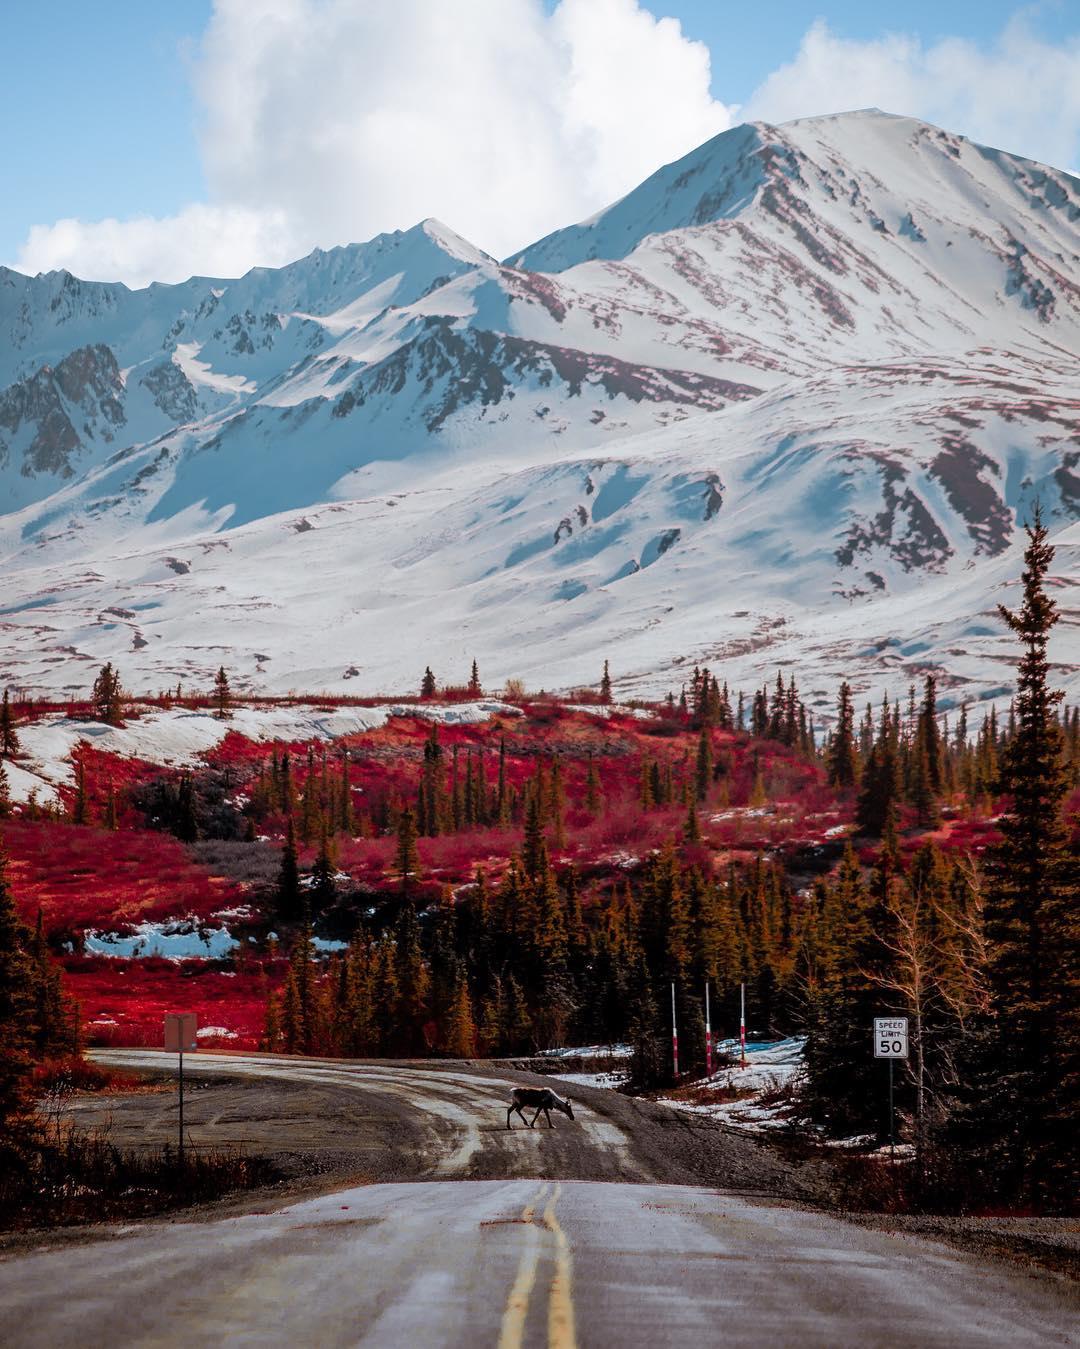 Природные пейзажи Аляски на снимках Патрика Туна